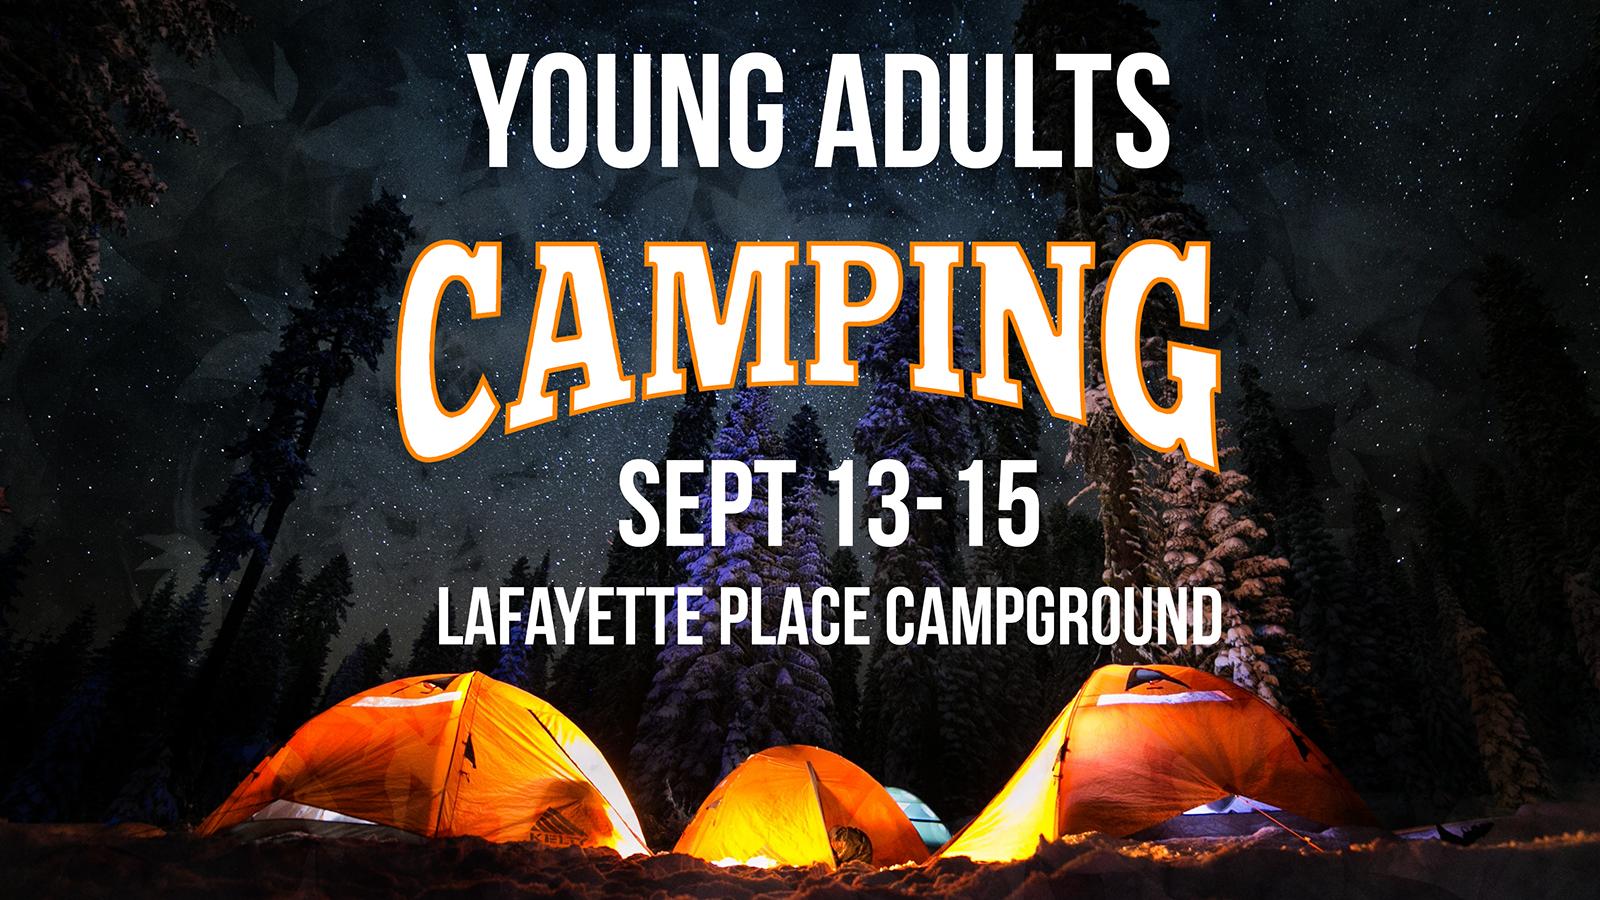 YA Camping.jpg